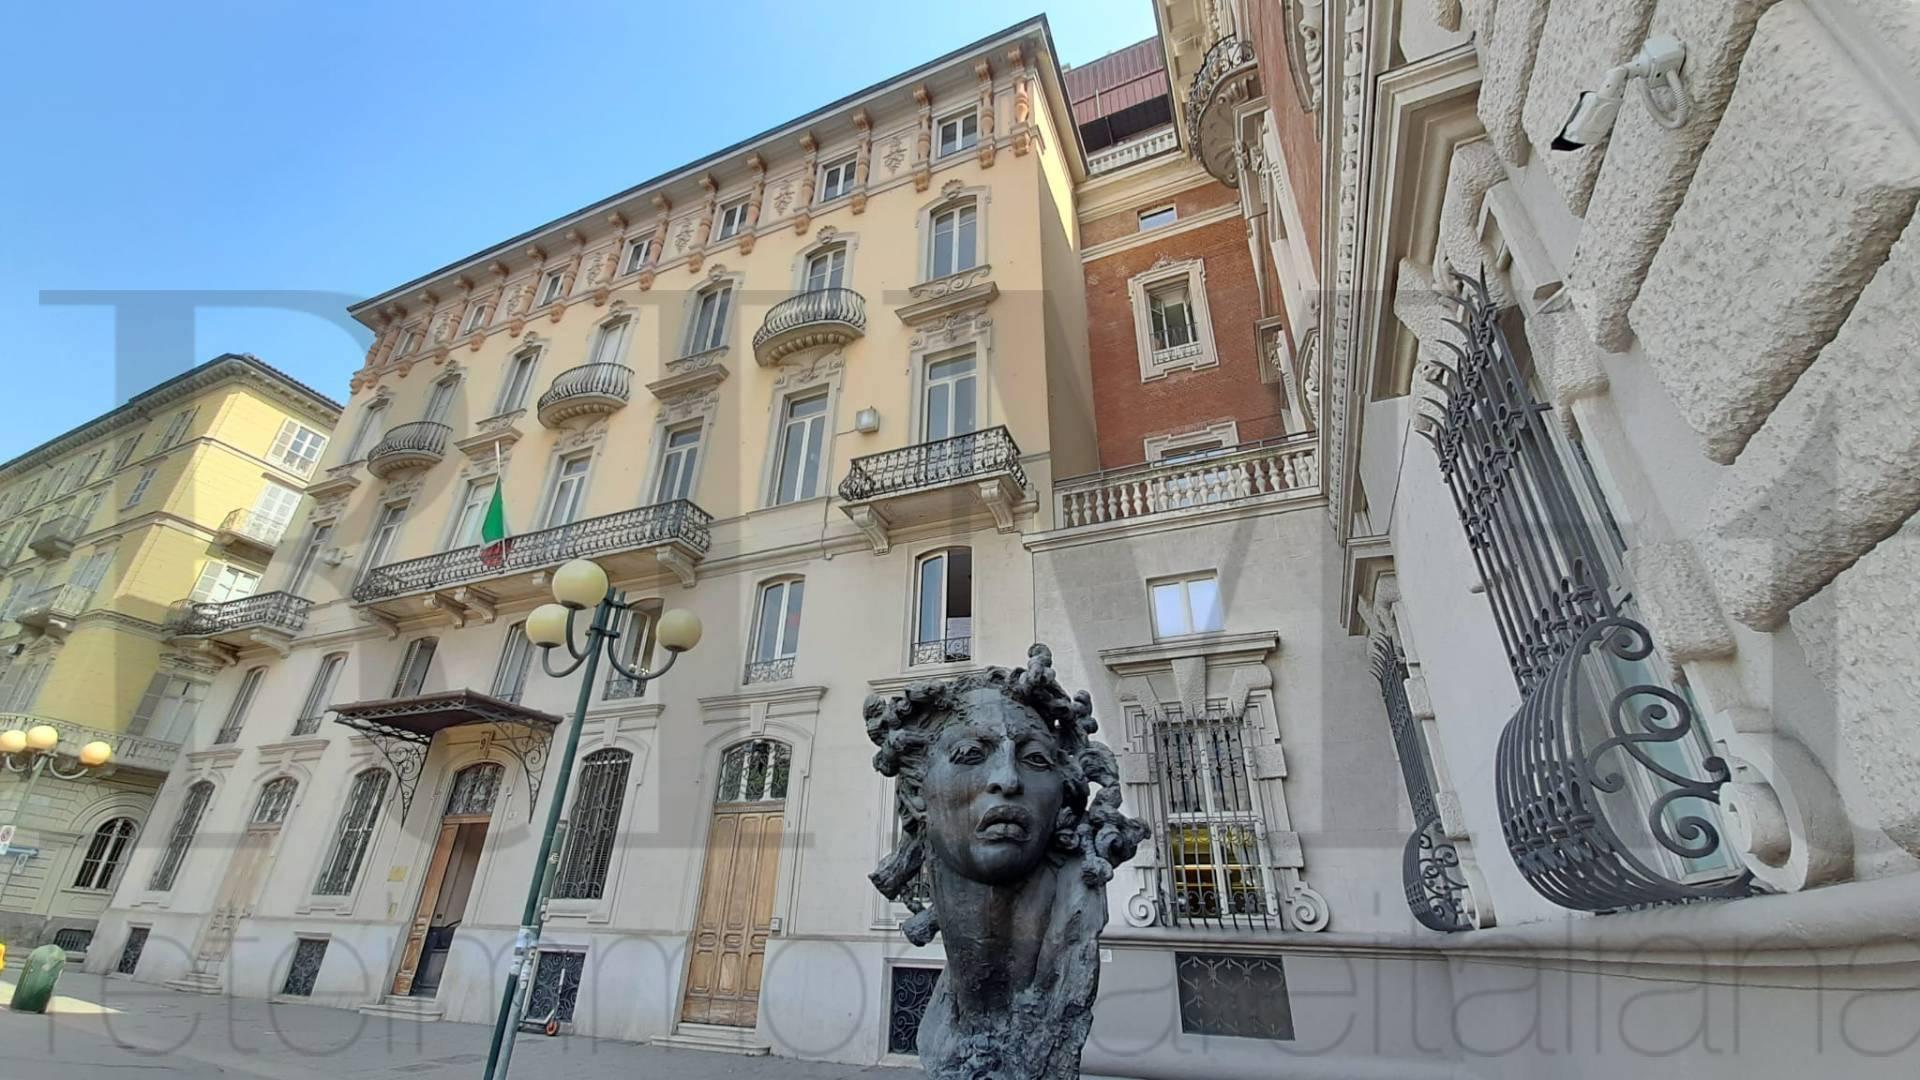 Uffici in affitto a Torino - CasaSpeciale.it